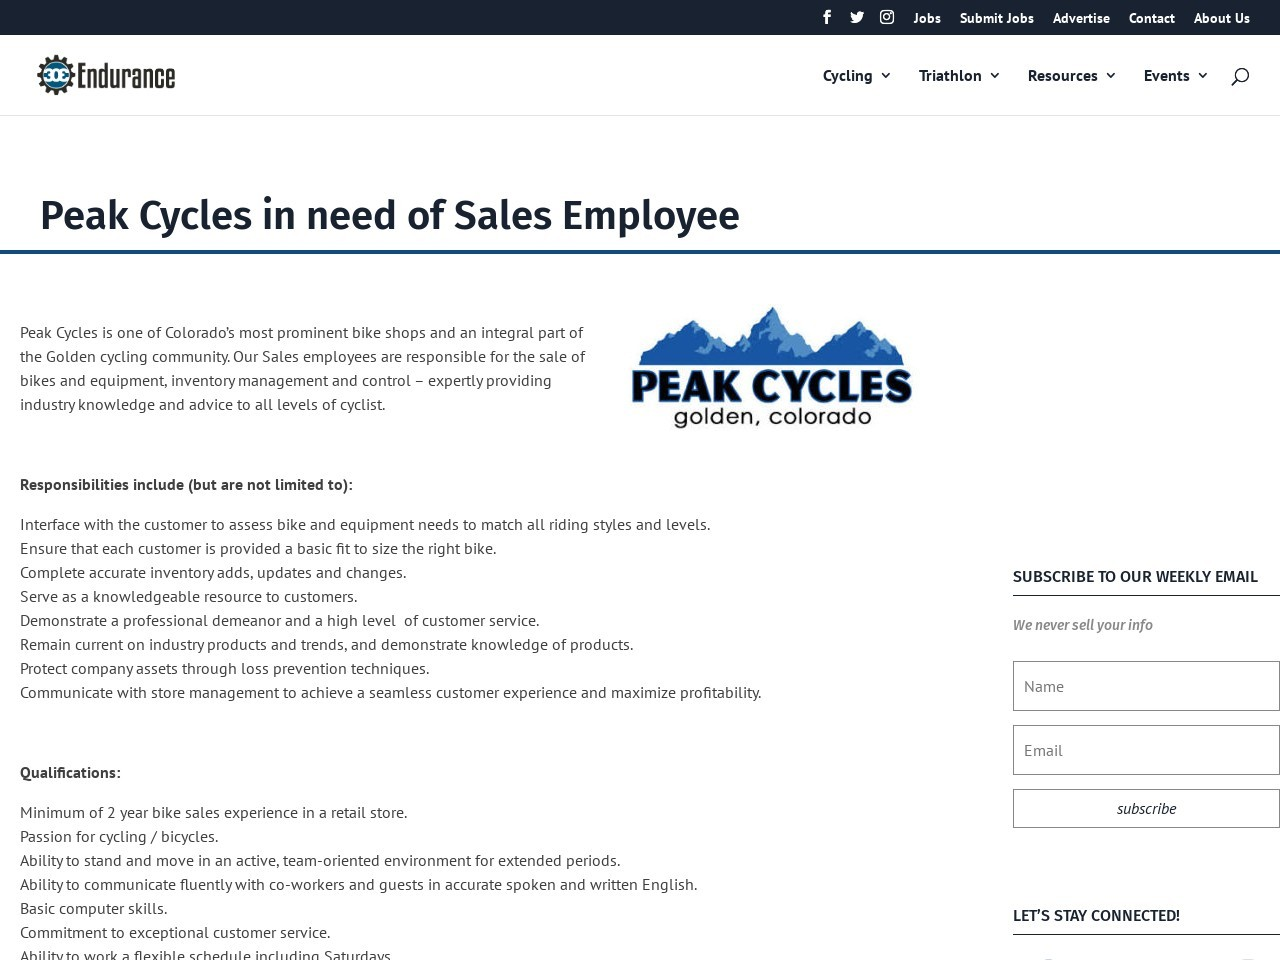 Peak Cycles in need of Sales Employee